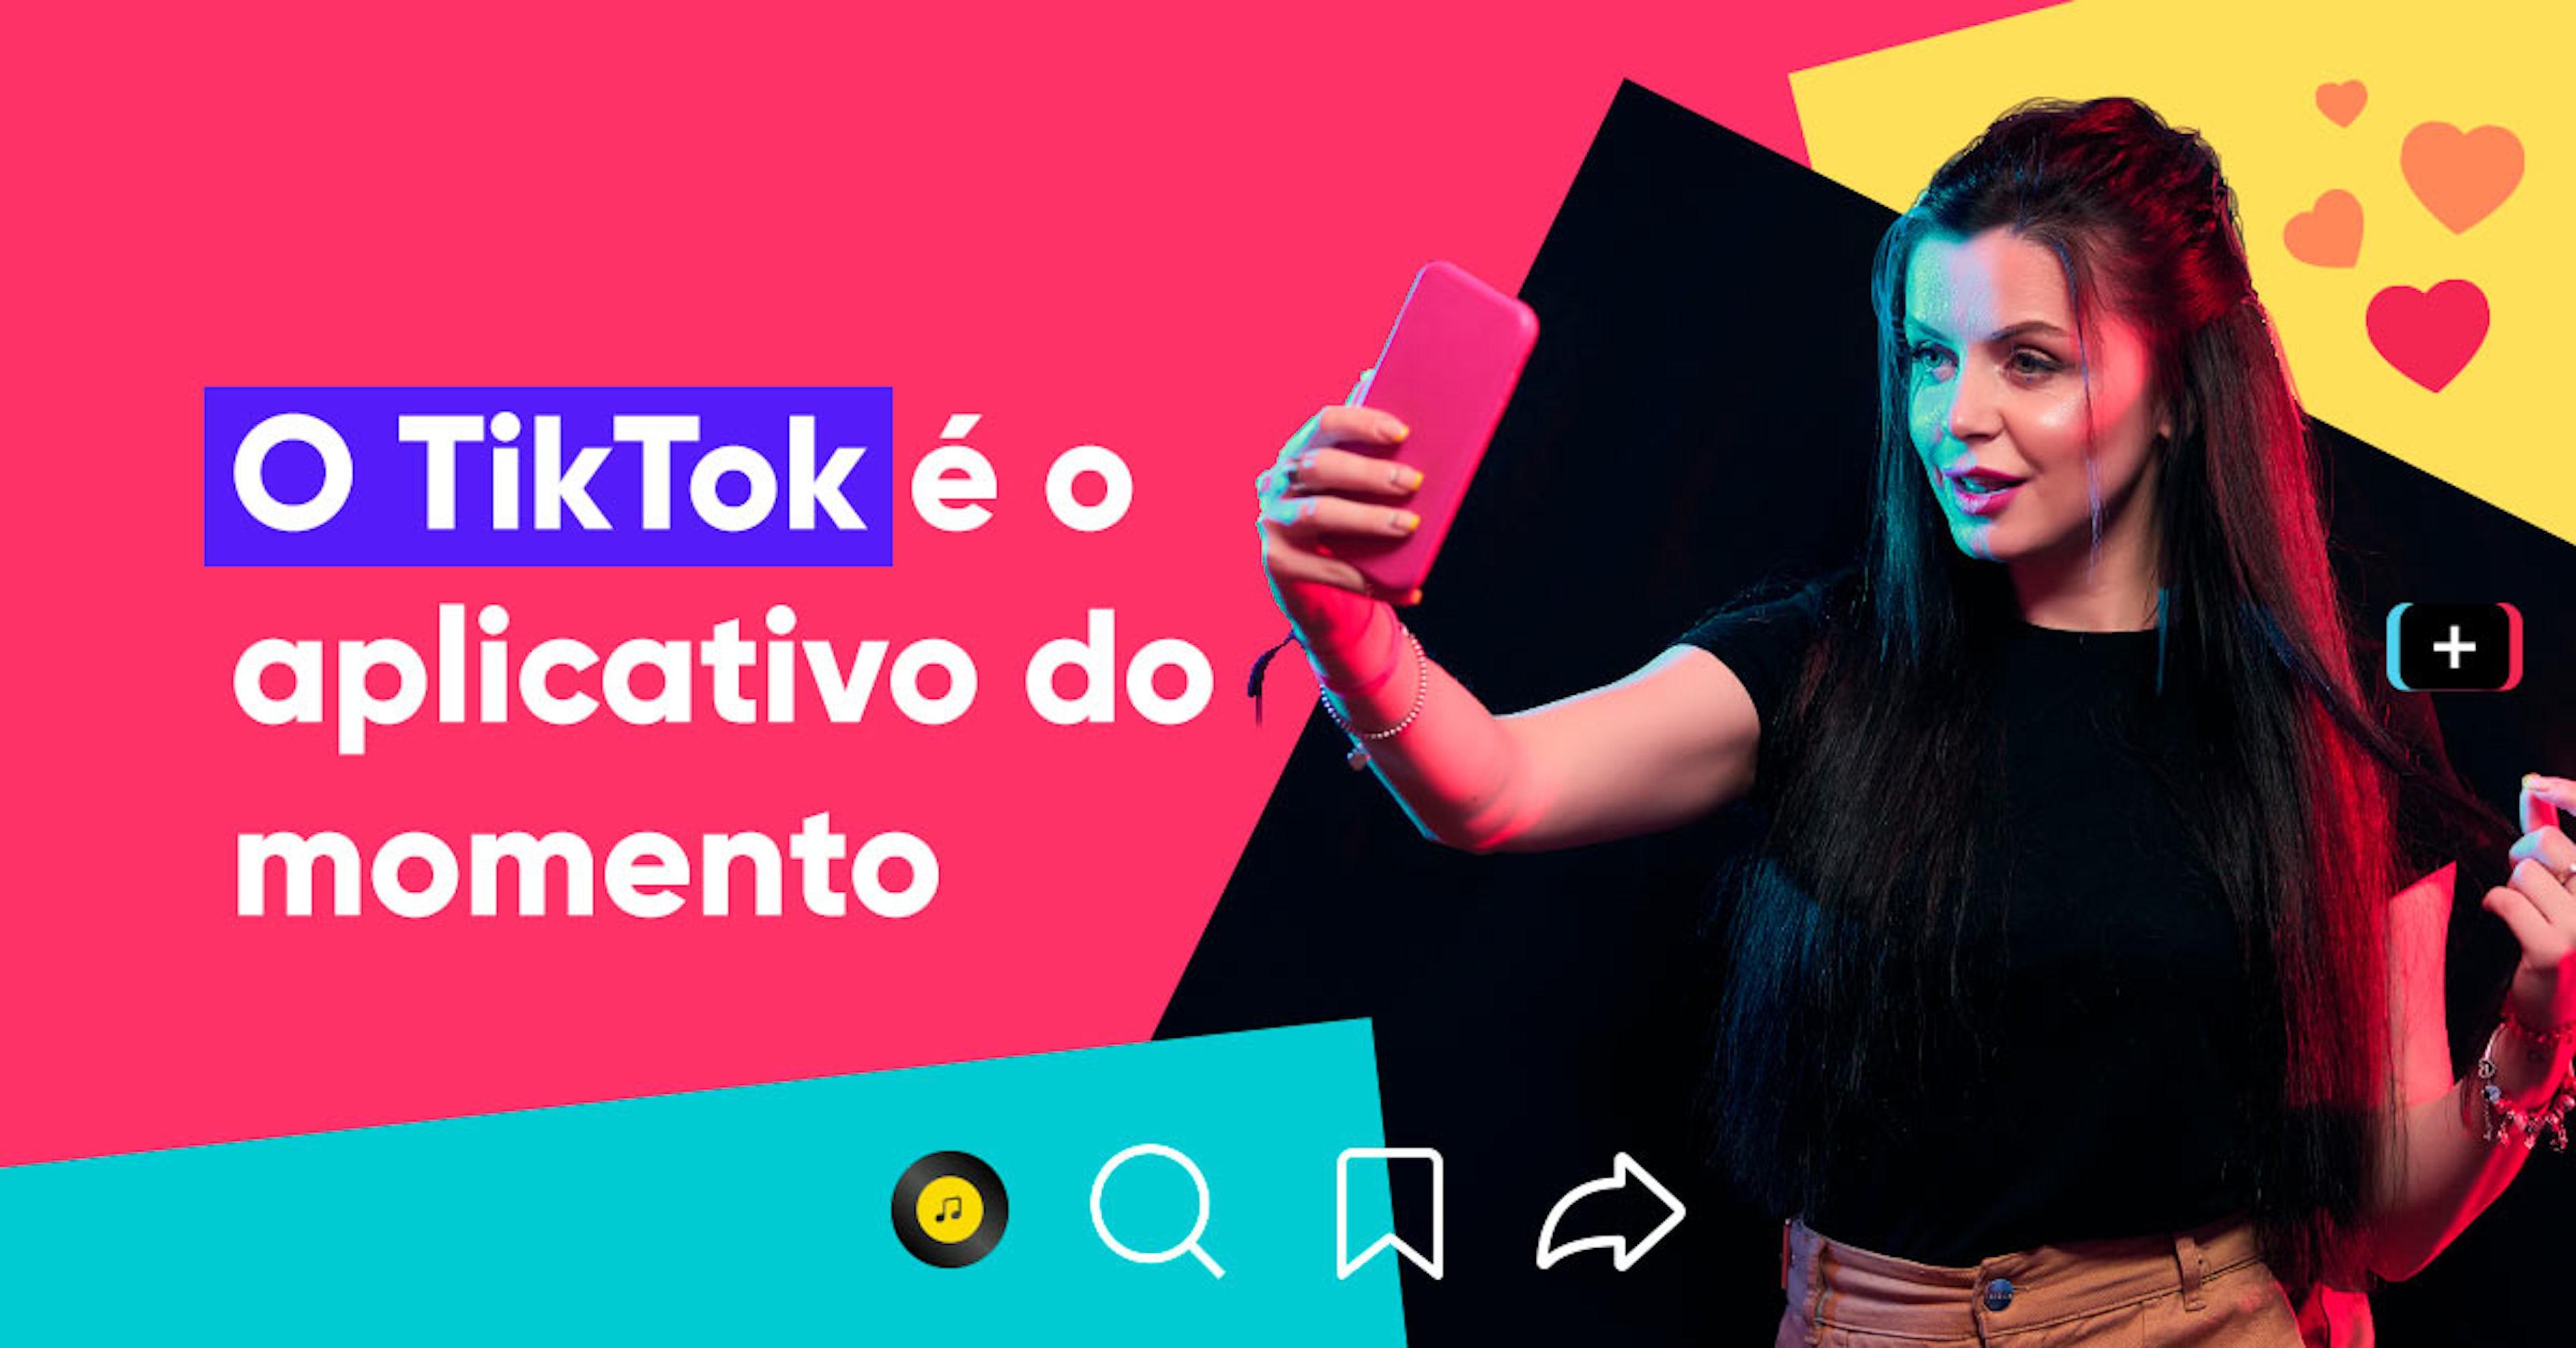 O TikTok é o aplicativo do momento! Como fazer tiktoks e viralizar meus vídeos?